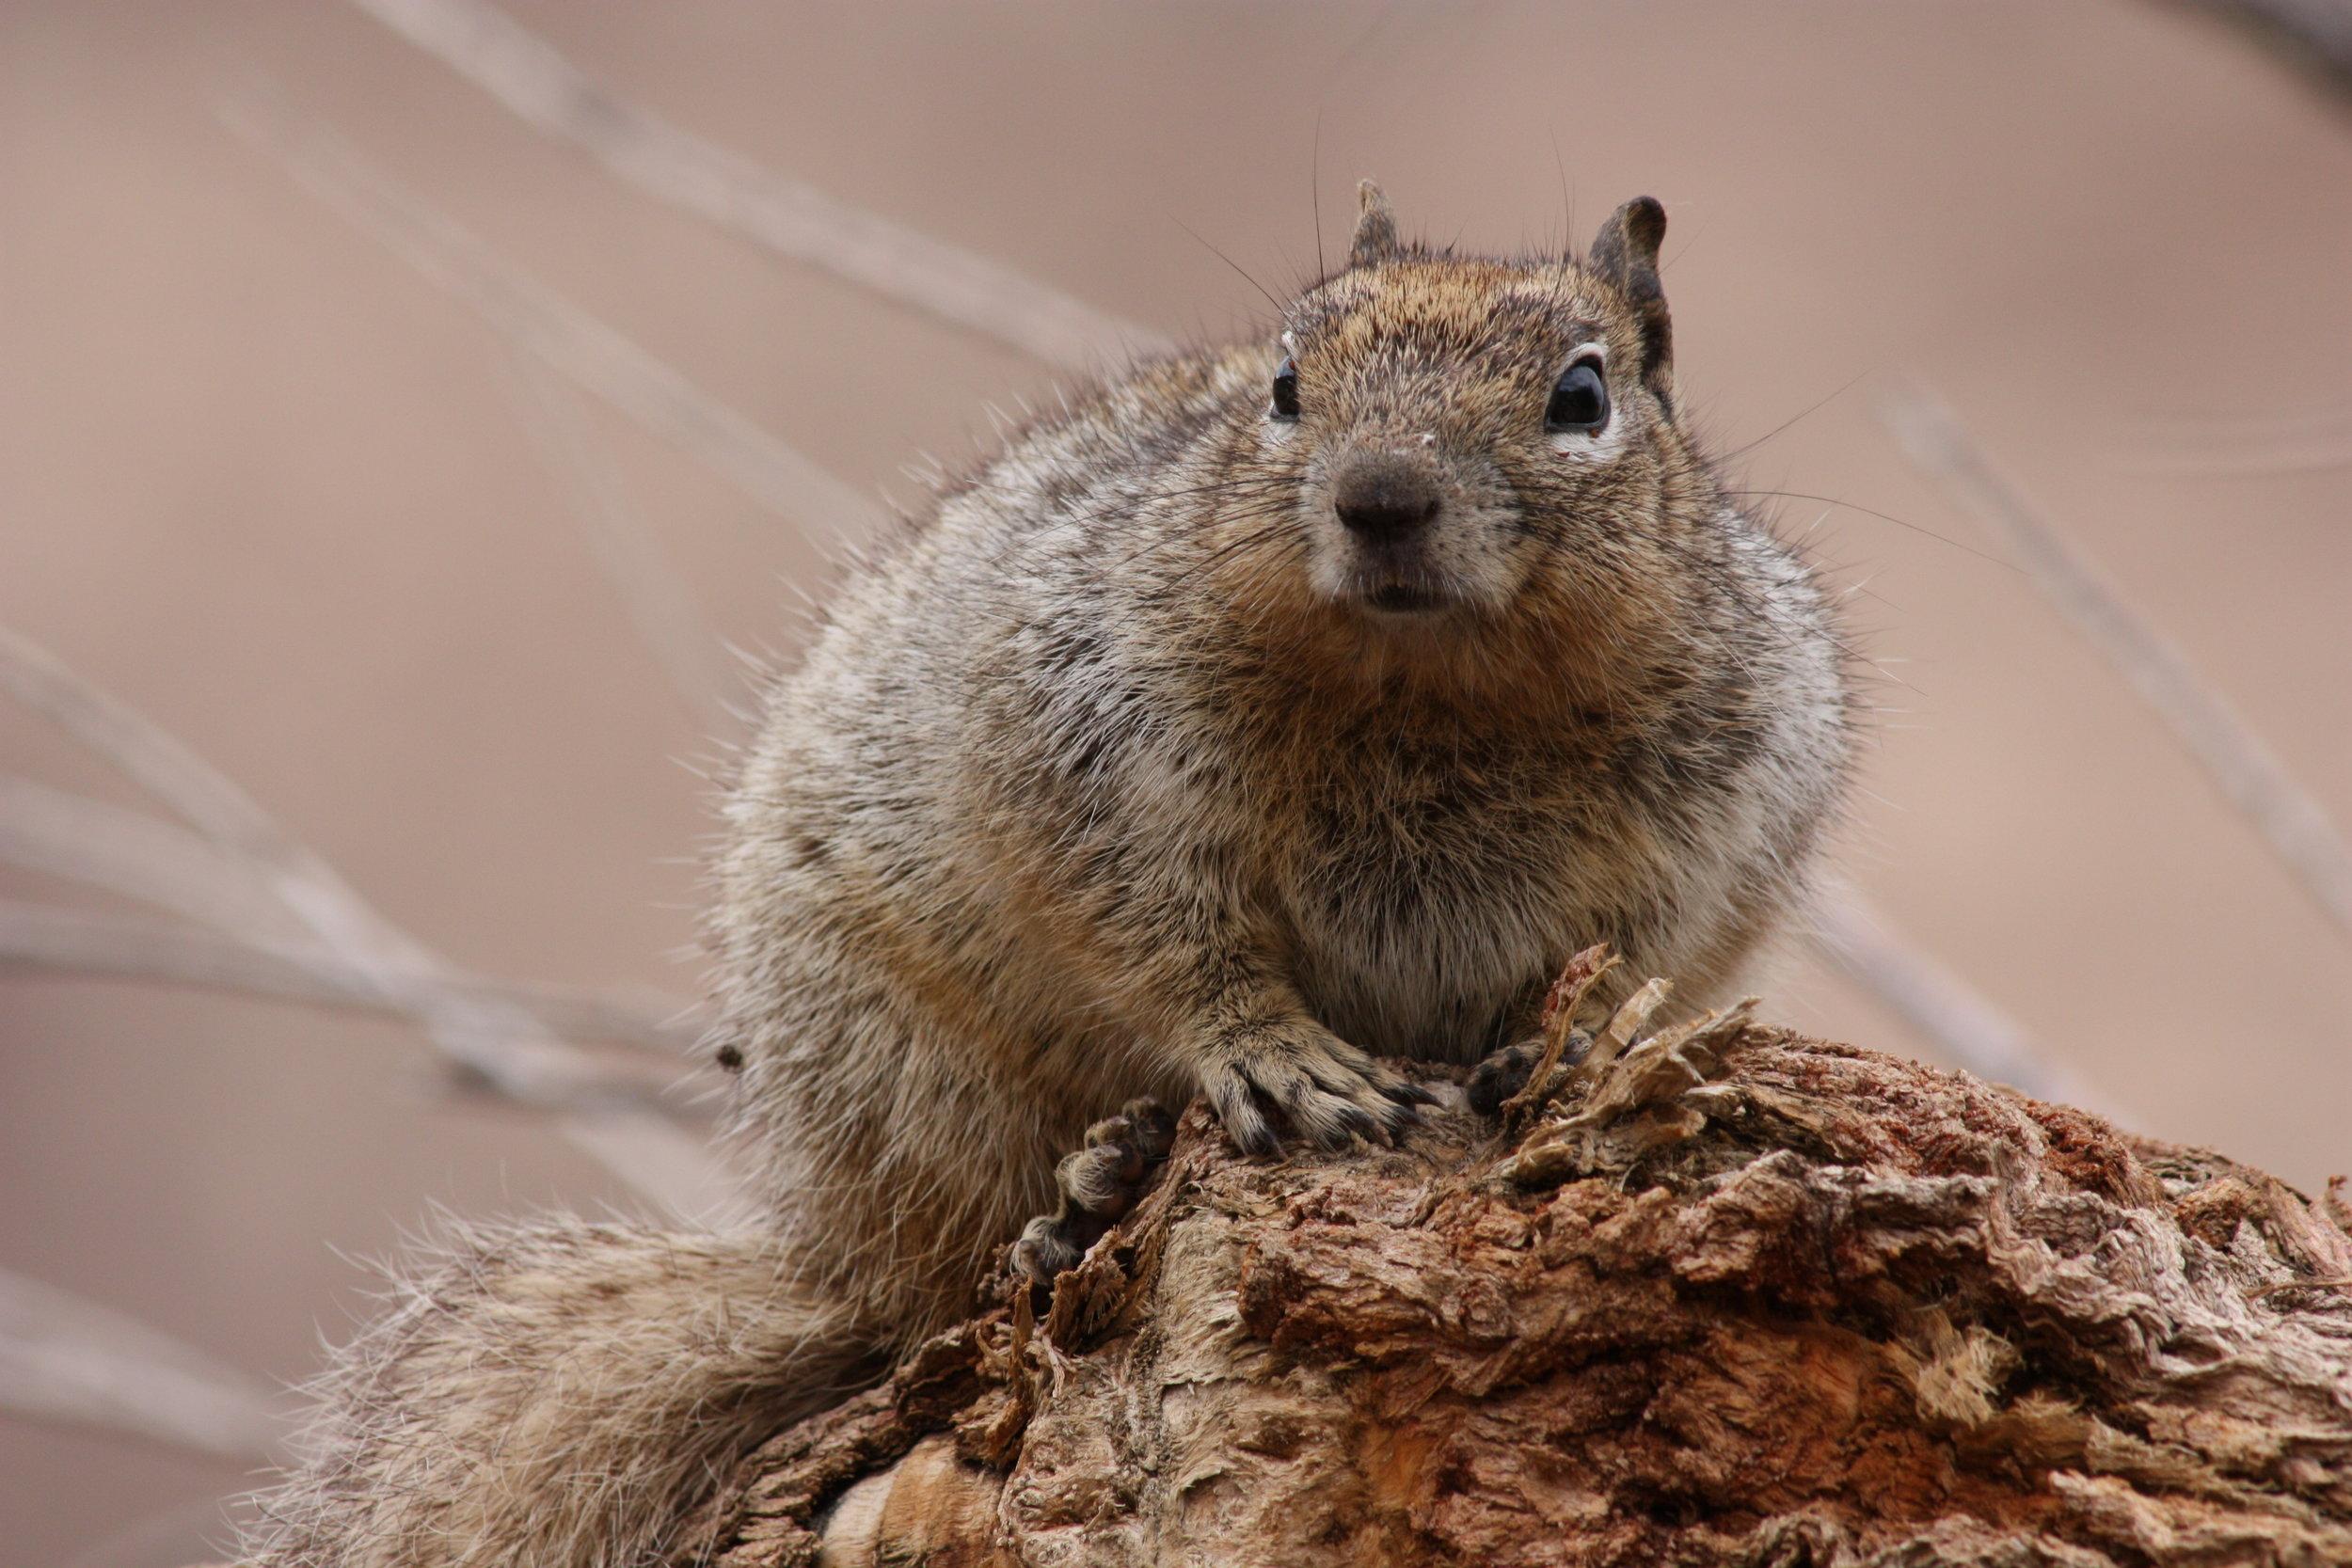 rock-squirrel-otospermophilus-variegatus_25453871864_o.jpg